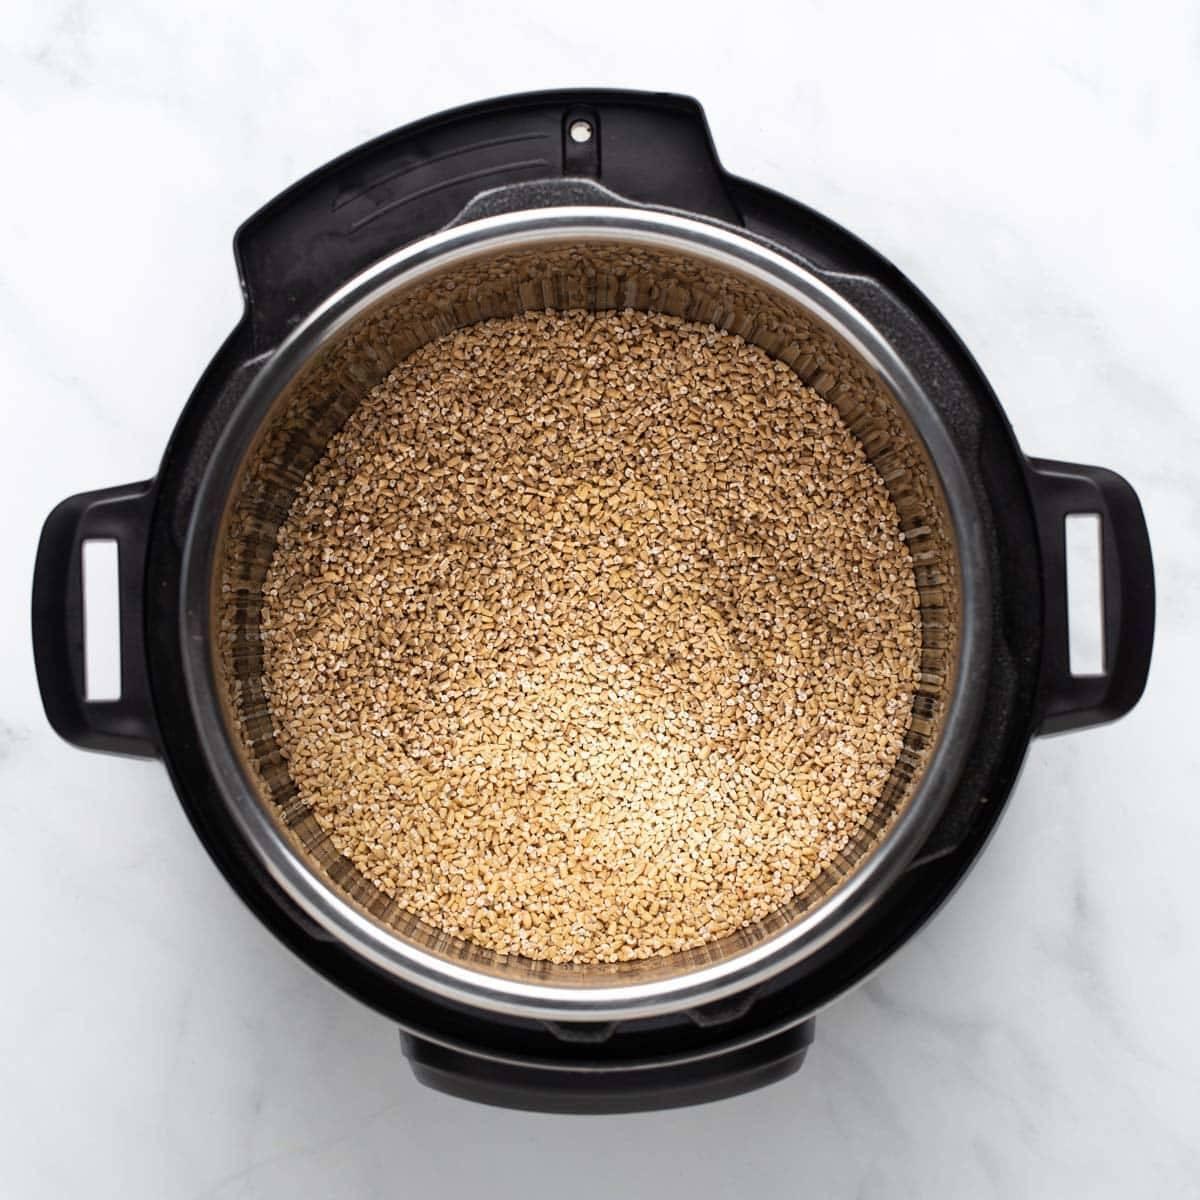 Steel cut oats in the Instant Pot.